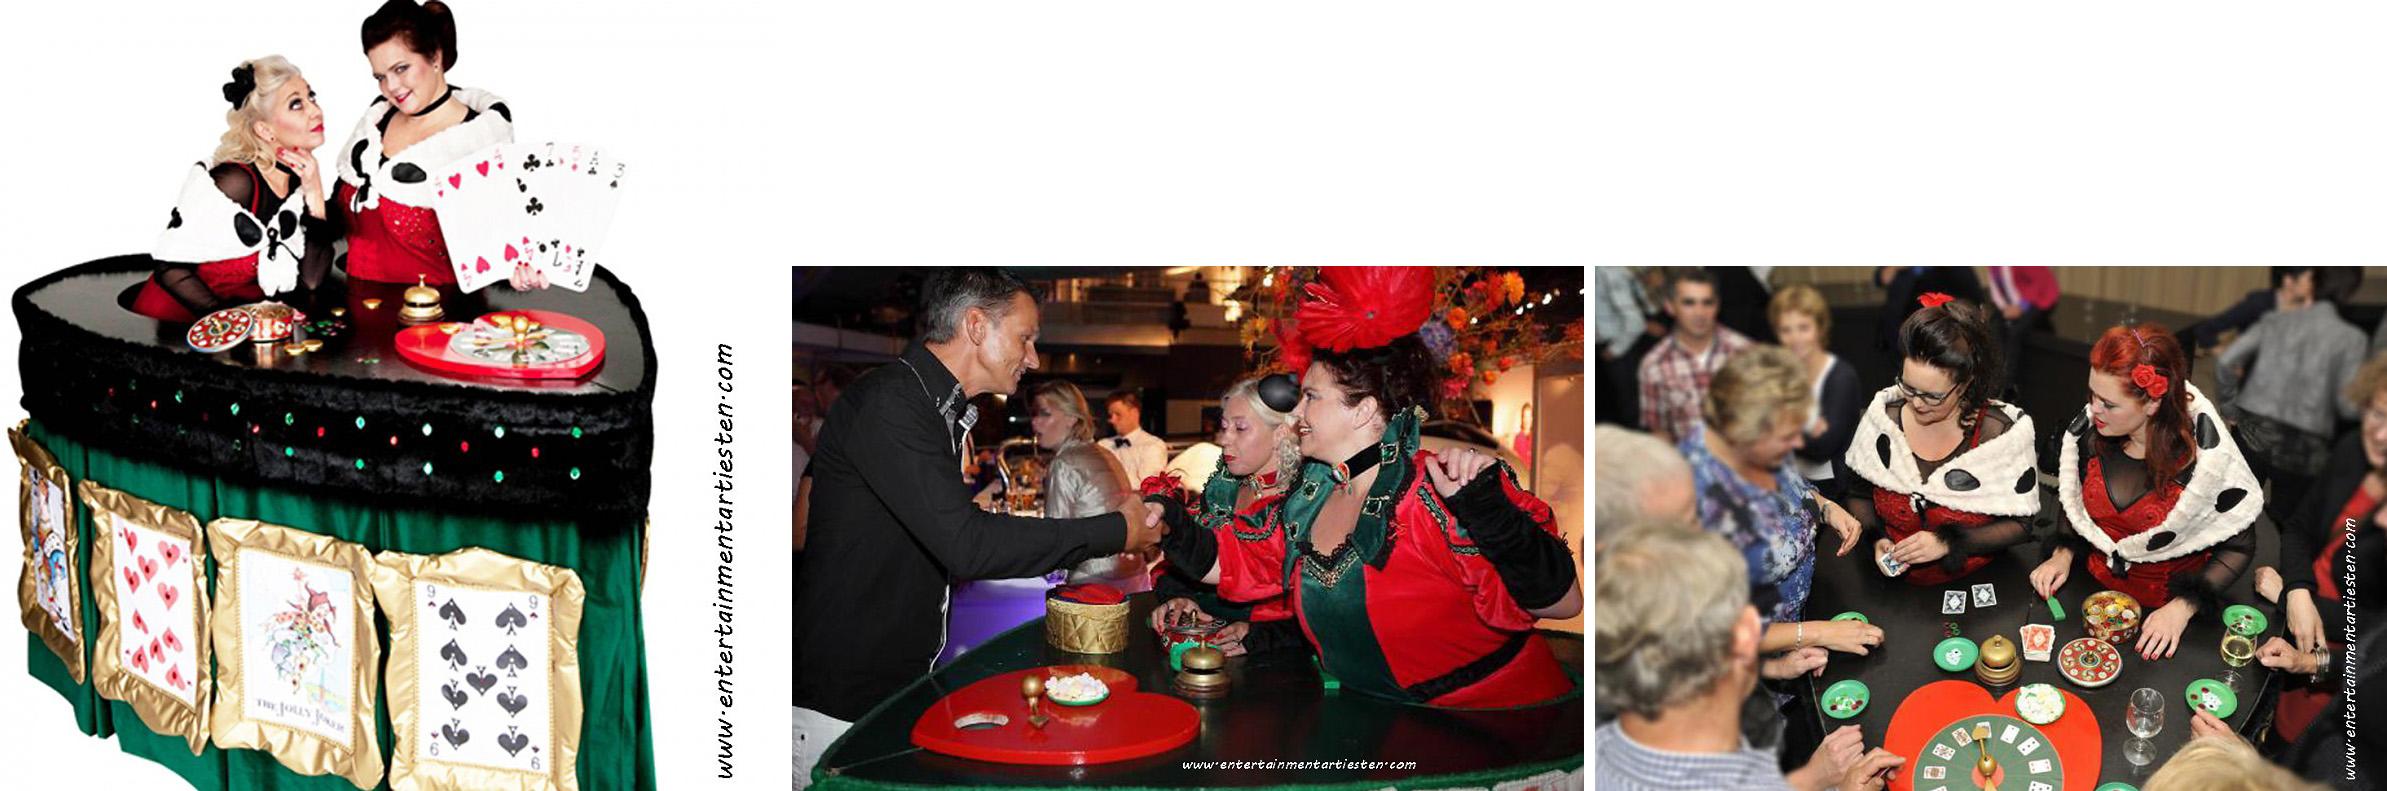 spannend spel aan Mobiele Casinotafel - Hartentafel entertainment voor feesten, themafeest, kaartspel, gokken, acteurs inhuren, artiesten boeken, feestavond, www.goversartiesten.nl